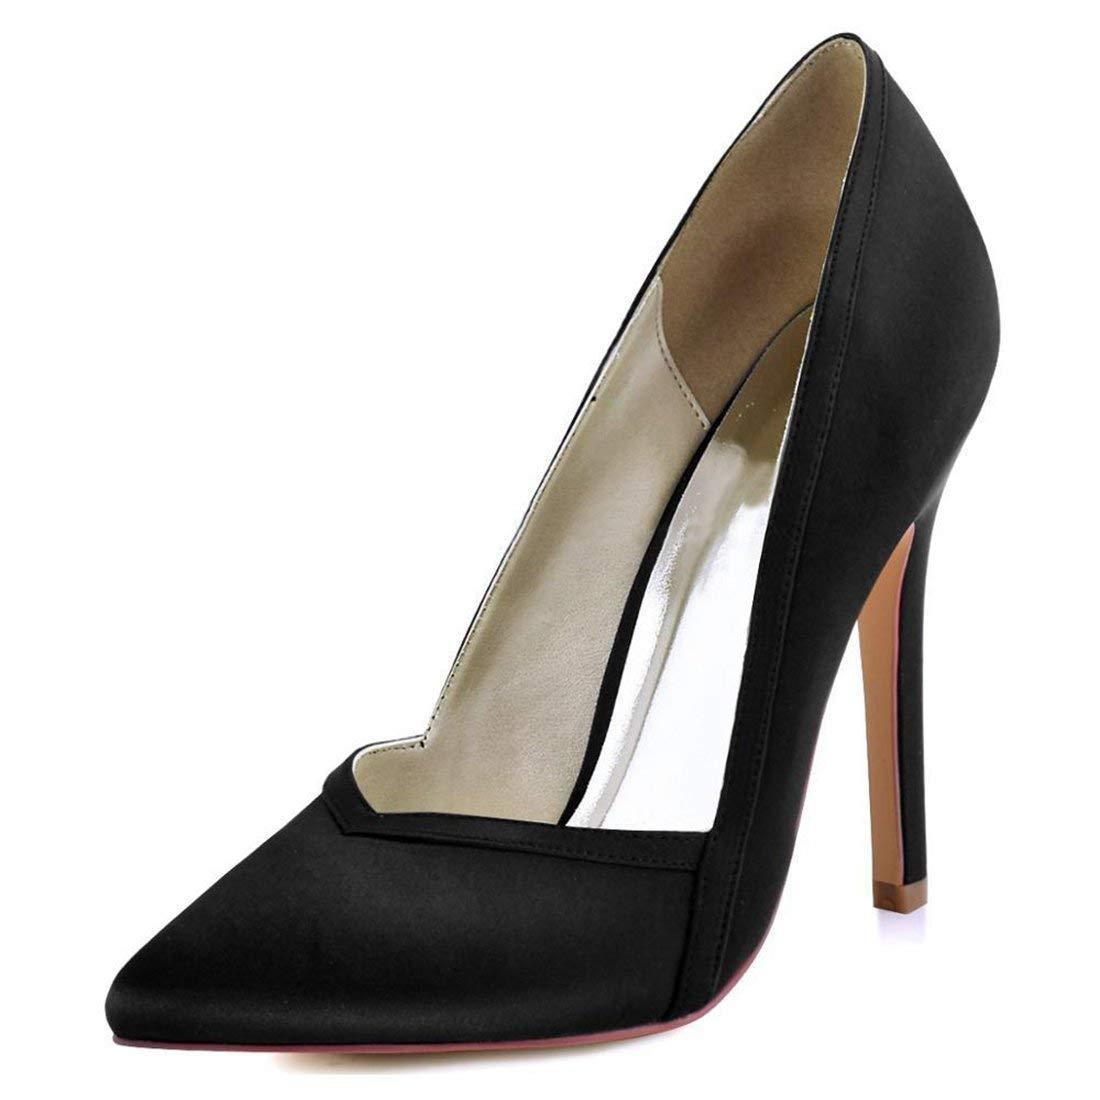 HhGold Damen Spitz Stiletto High Heel Schwarz Satin Hochzeit Abend Pumps UK 5.5 (Farbe   -, Größe   -)